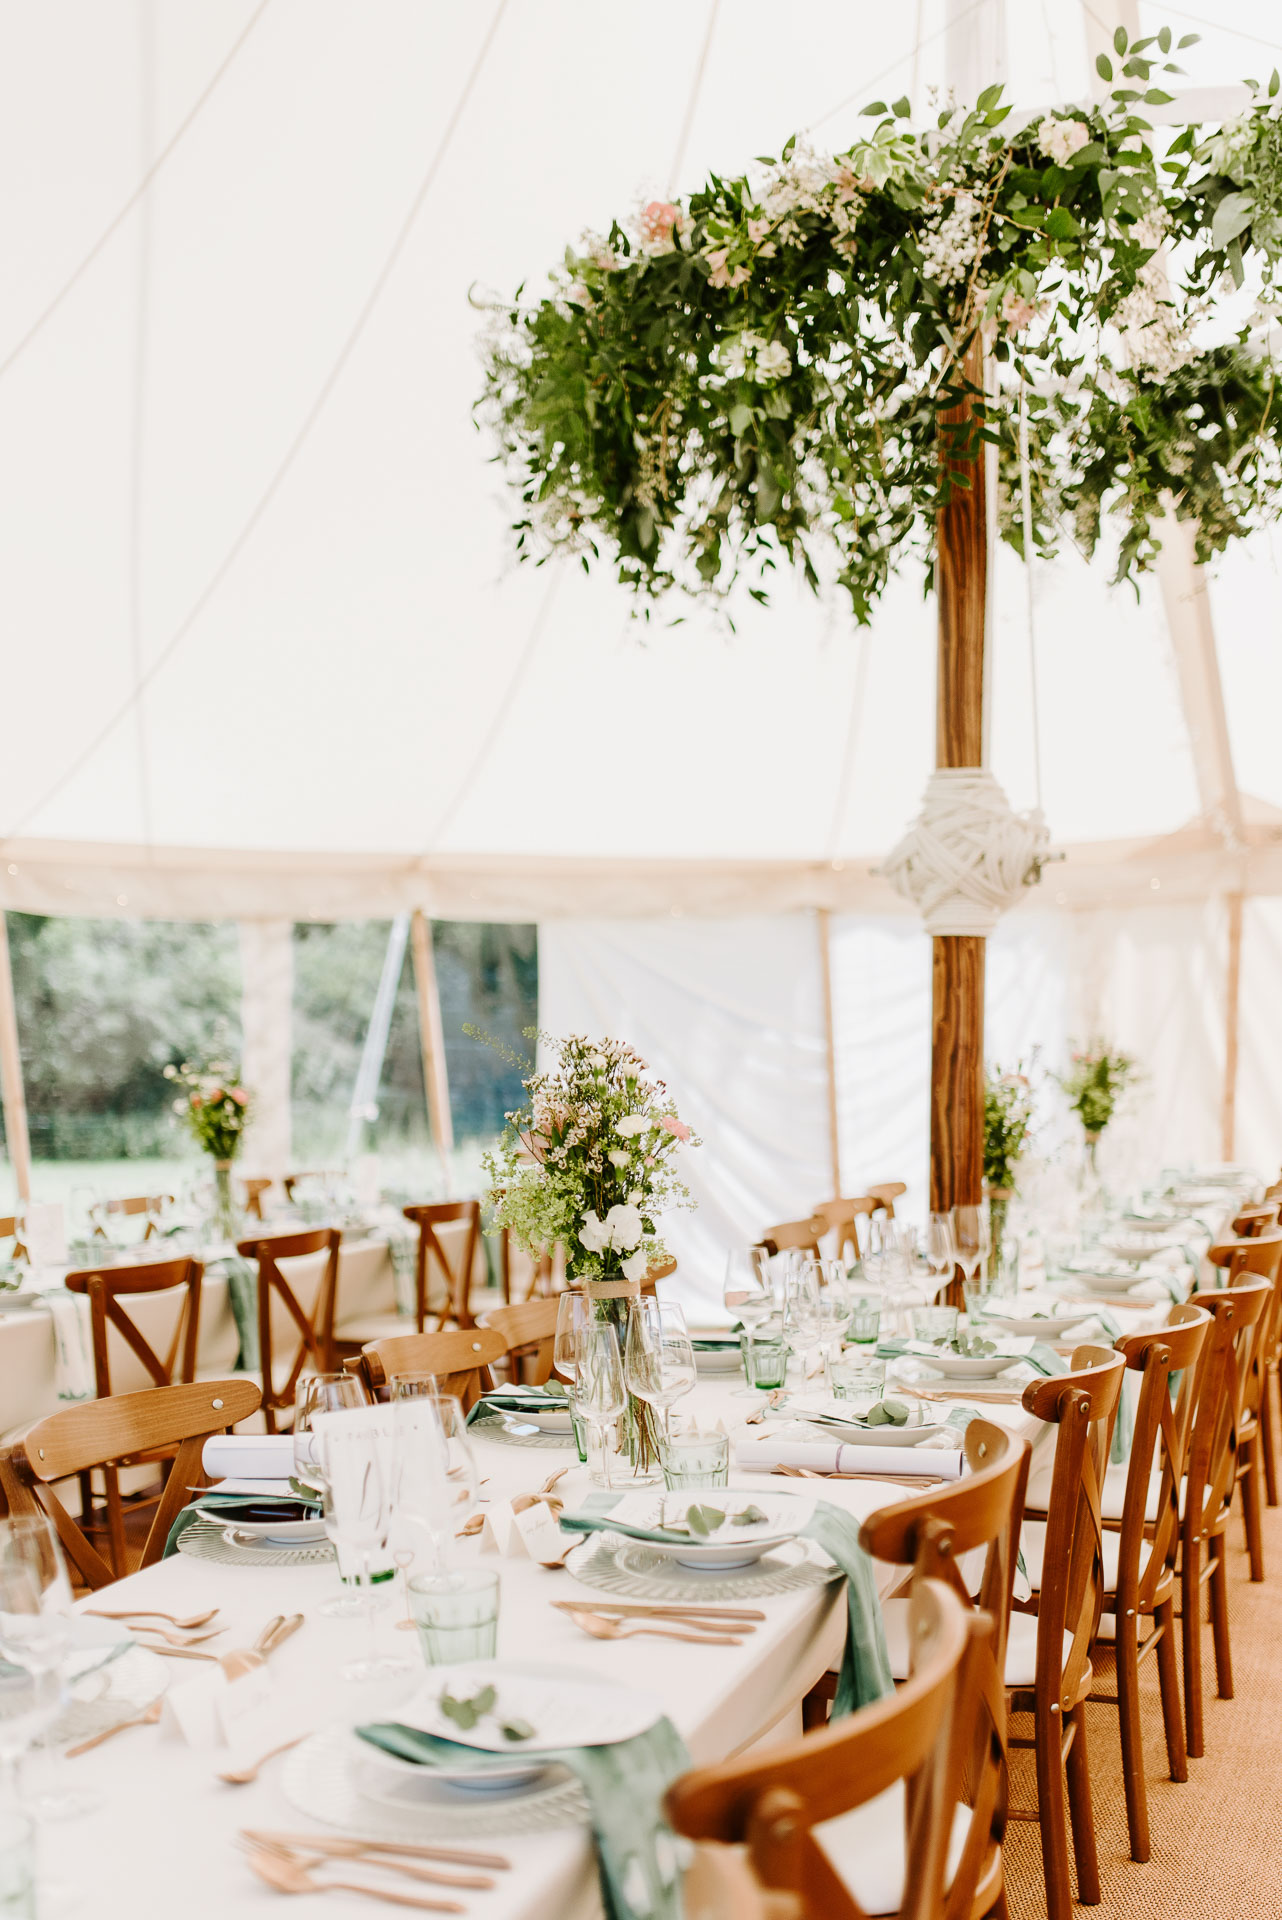 Henny_Jamie_East Sussex_Wedding_38.jpg